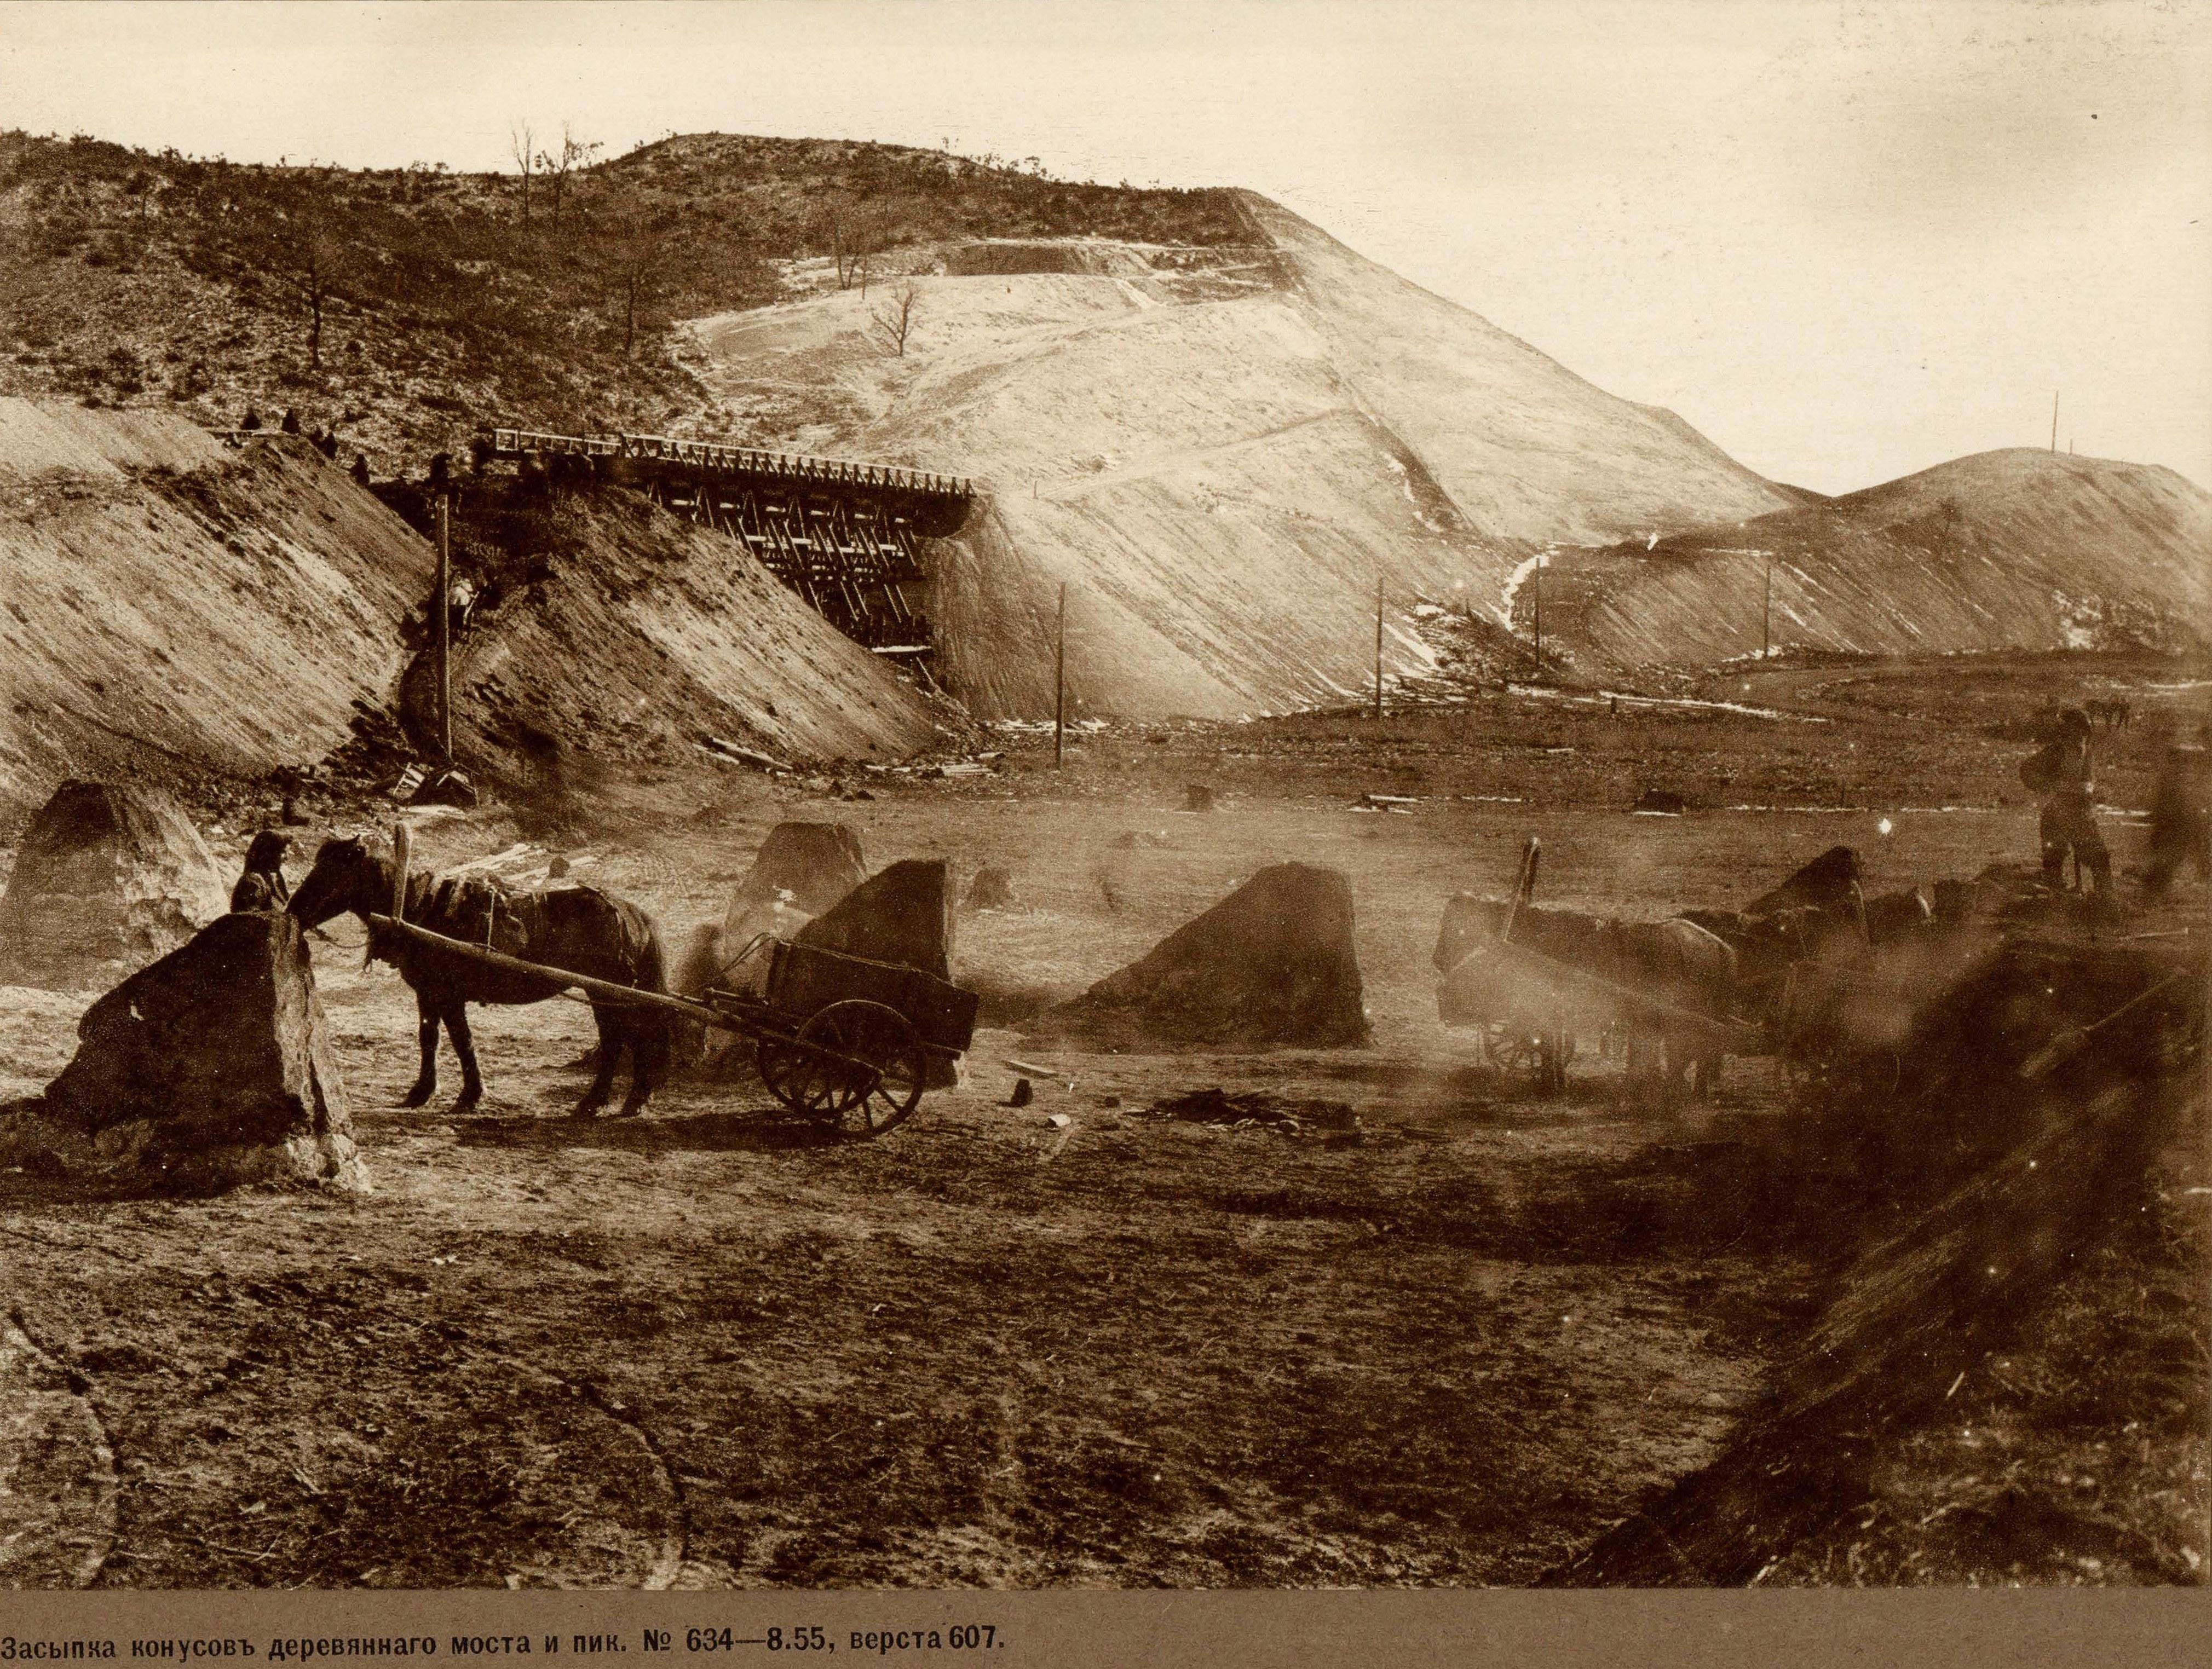 607 верста. Деревянный мост на пик №634-8.55. Засыпка конусов